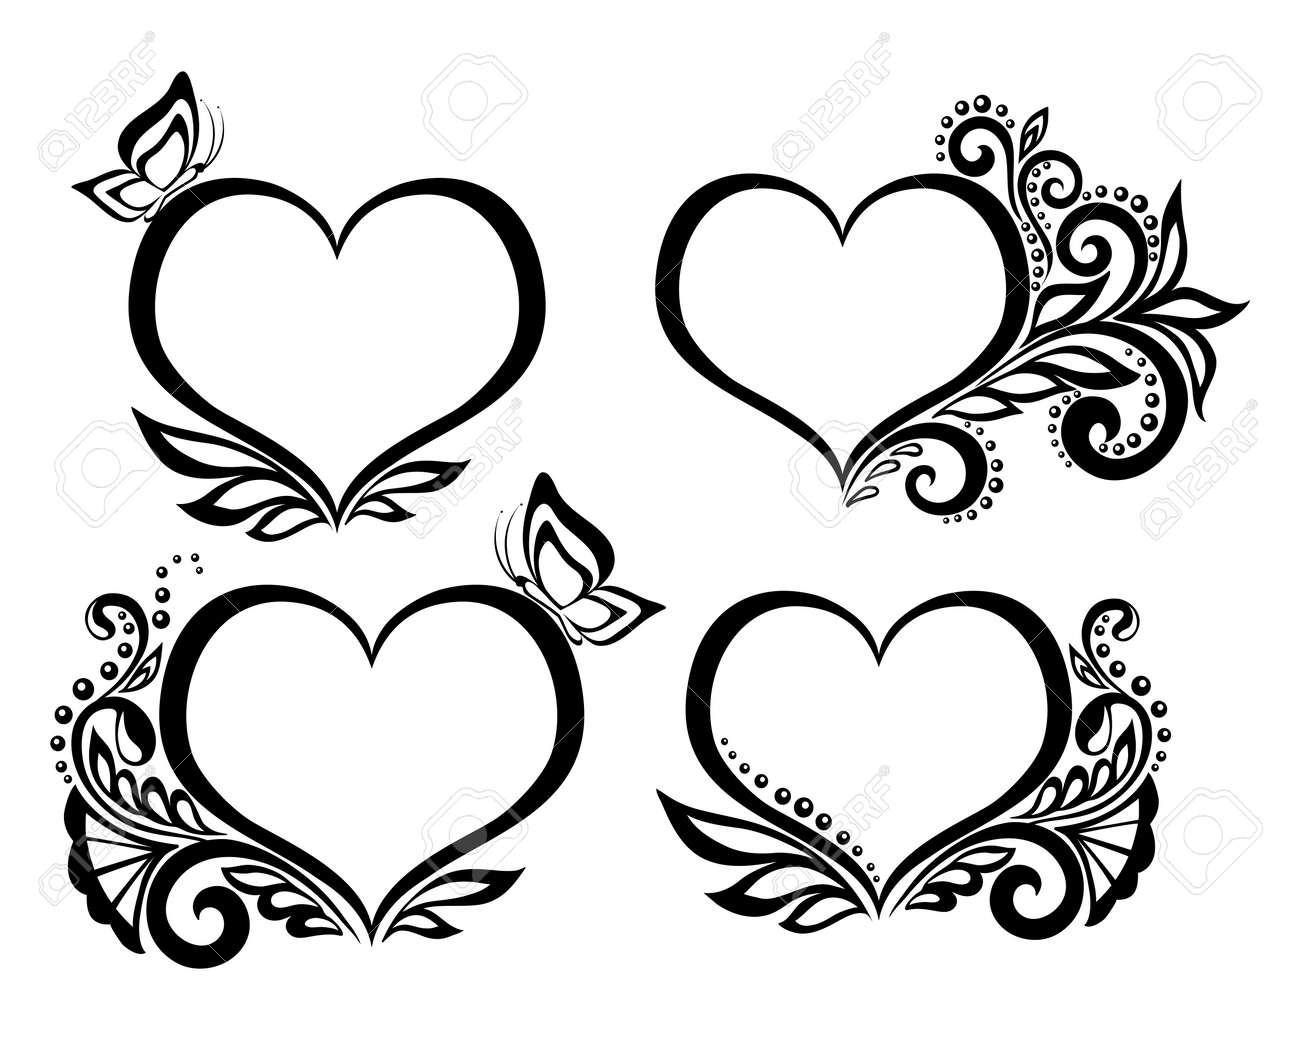 Conjunto De Hermoso Símbolo Blanco Y Negro De Un Corazón Con Diseño